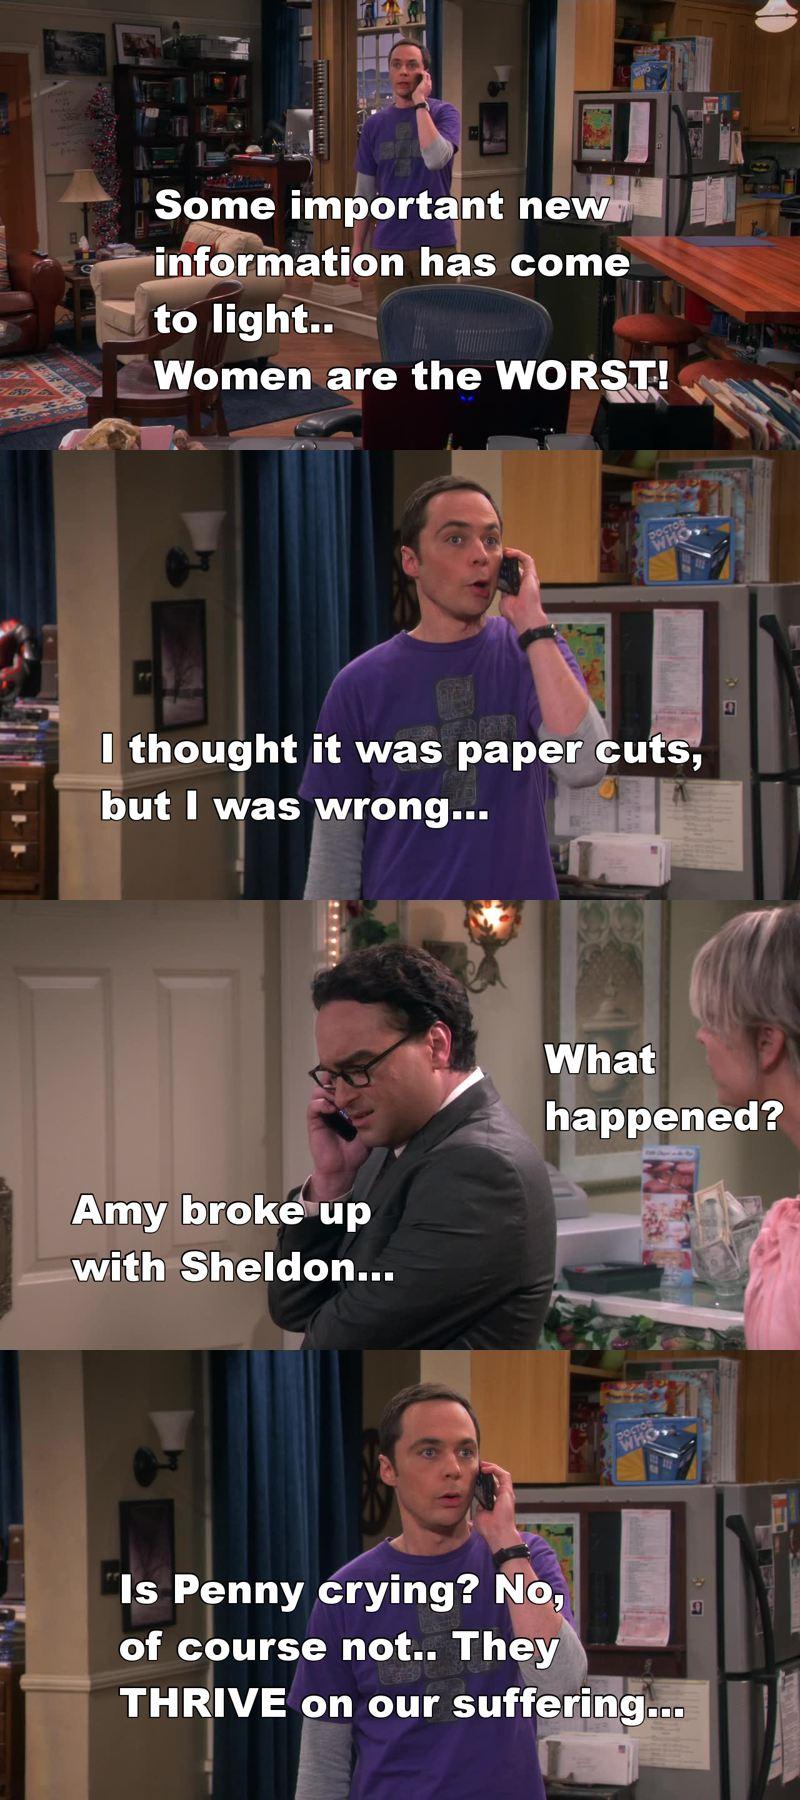 Naaahw haha, poor Sheldon